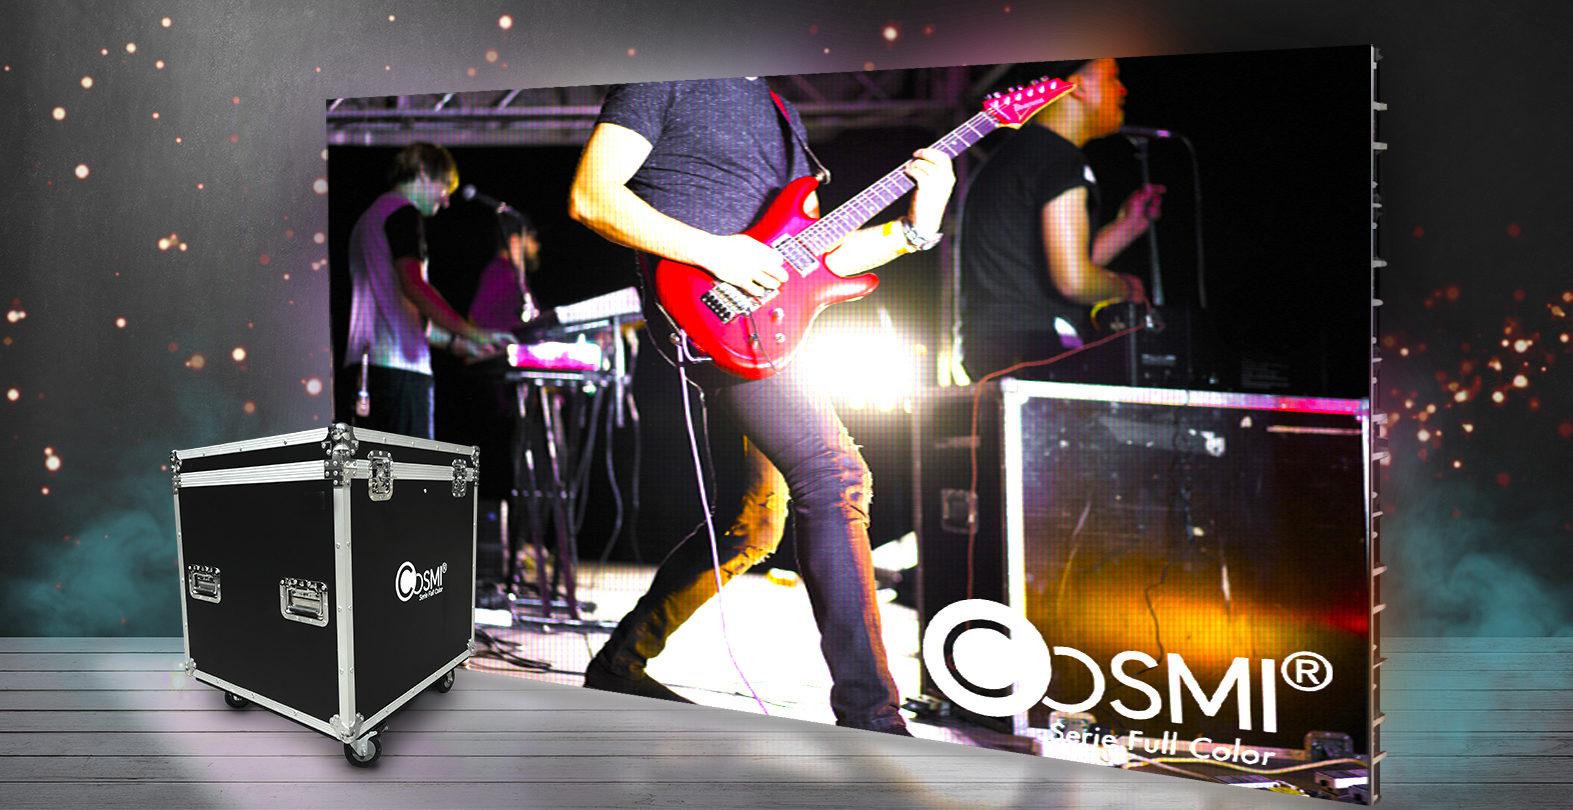 ecran-geant-led-concert-evenementiel-foire-cosmi-agr-display-france-fournisseur- publicitaire